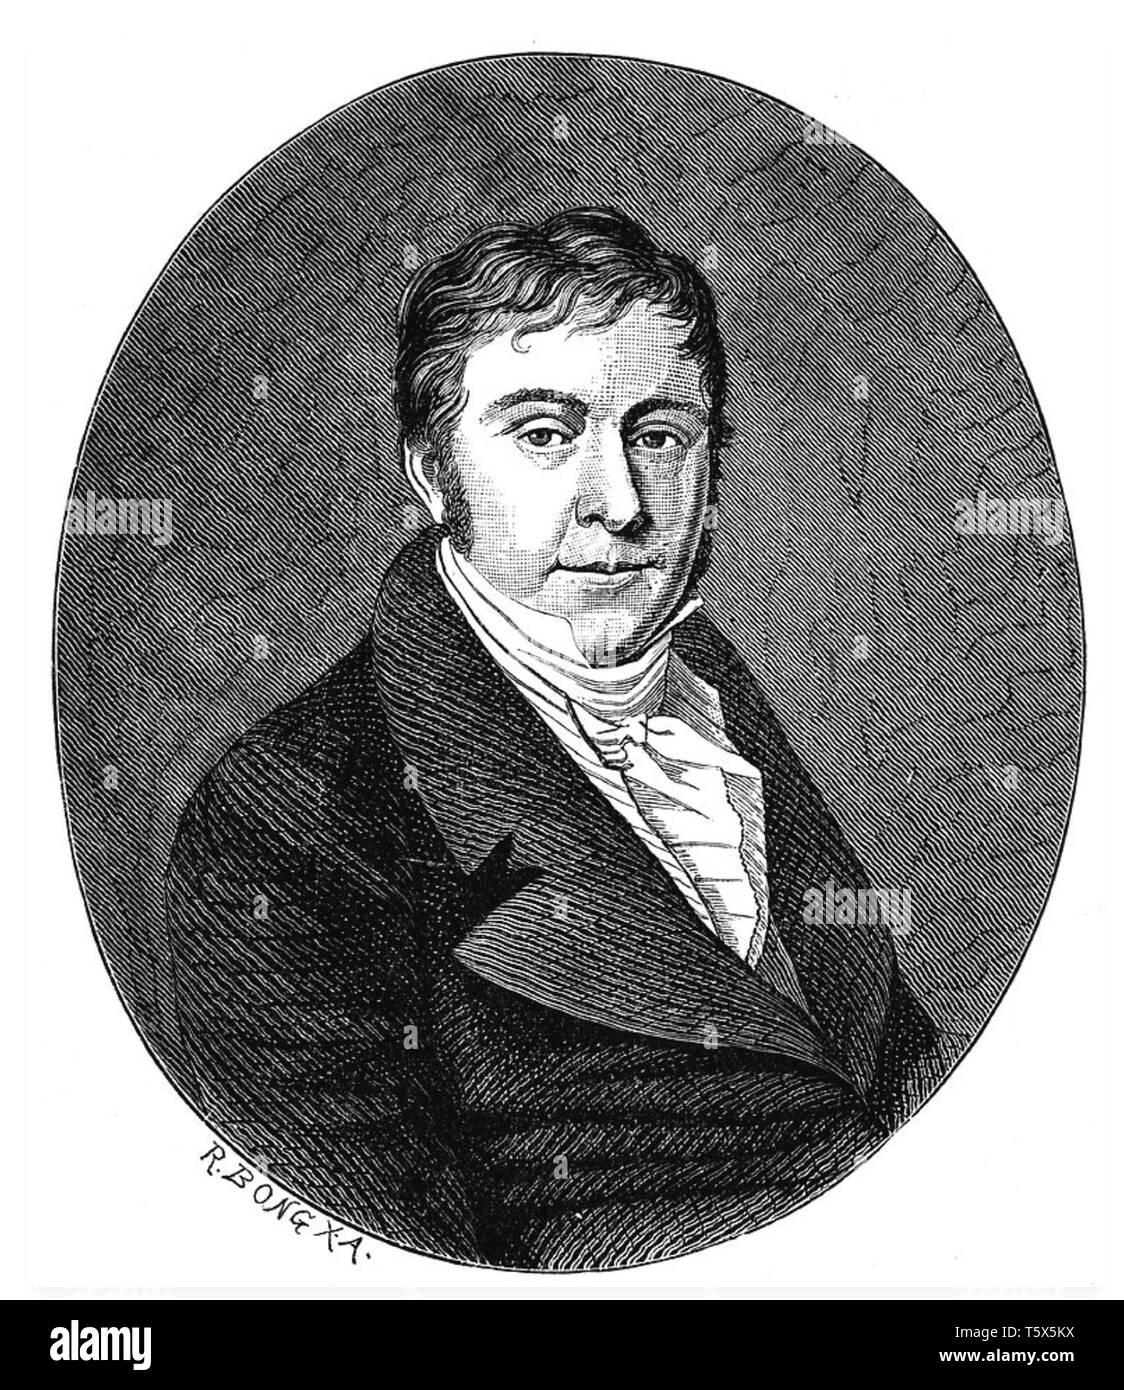 JOHANN HUMMEL (1778-1837) Austrian composer - Stock Image